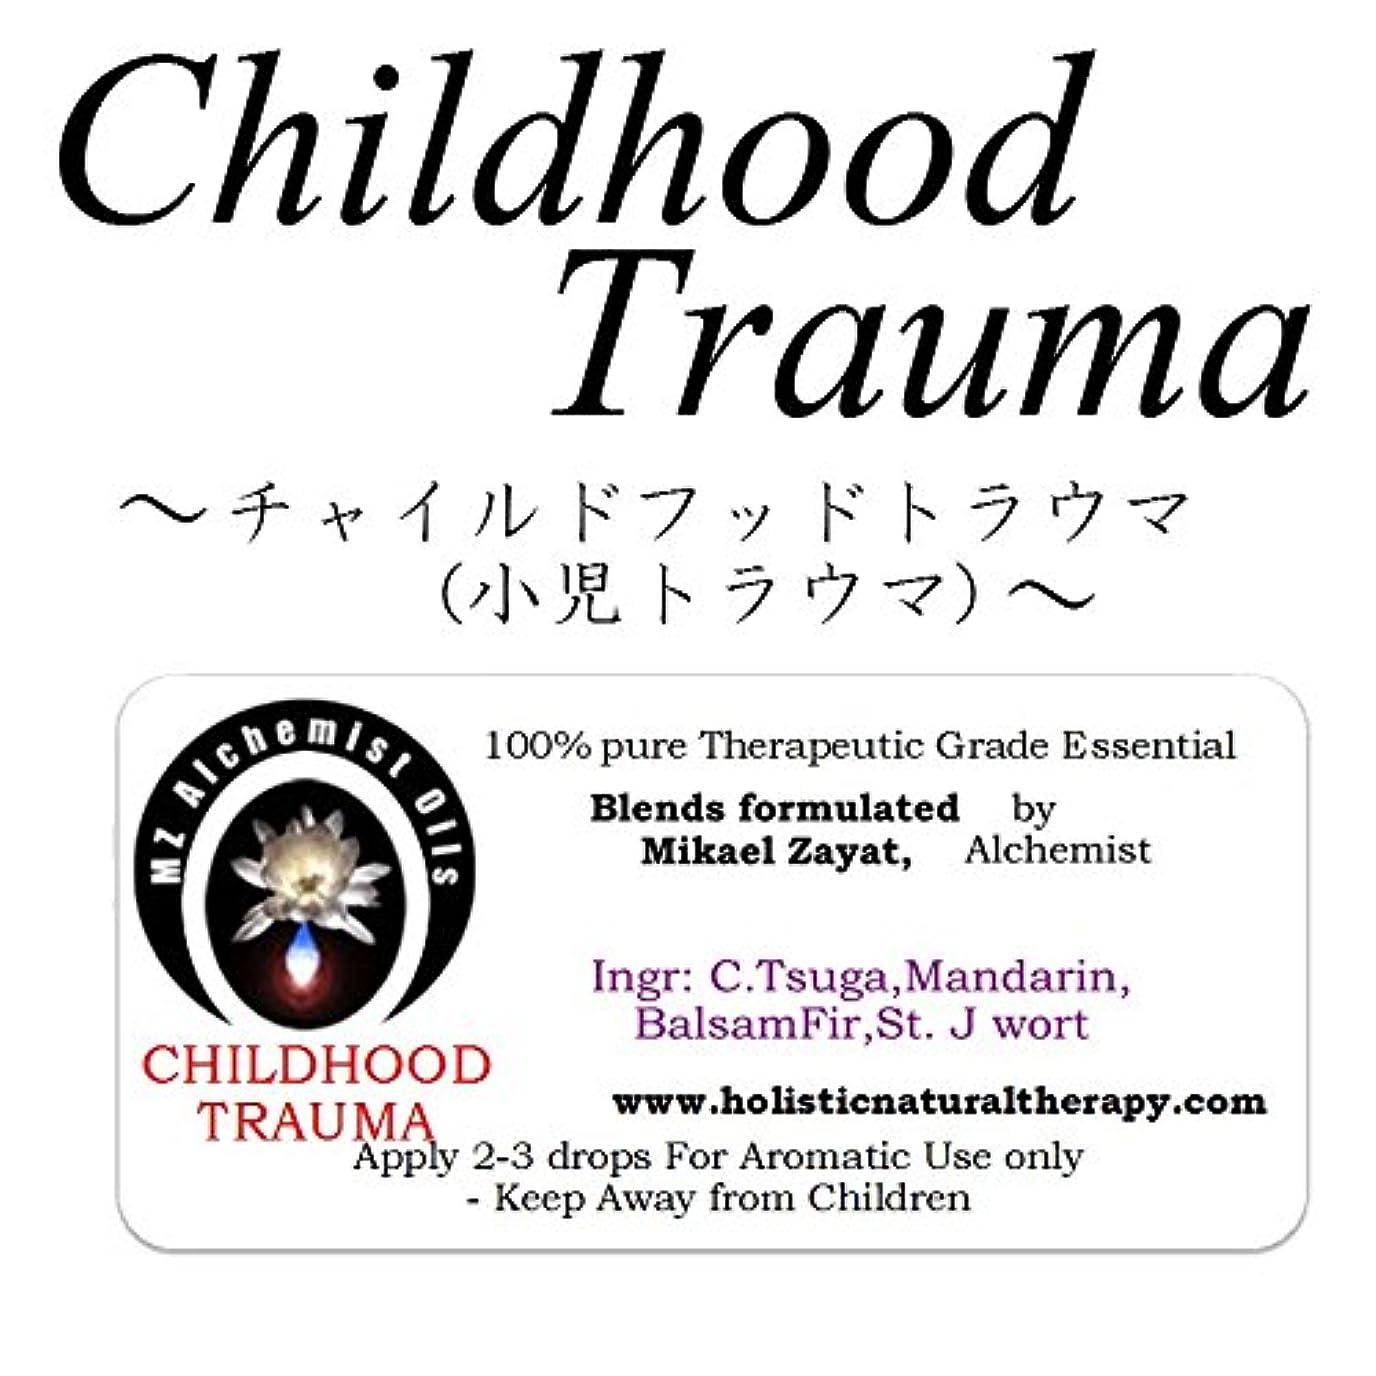 値する小さな表面的なミカエルザヤットアルケミストオイル セラピストグレードアロマオイル Childhood Trauma-チャイルドフット?トラウマ(小児トラウマ)- 4ml